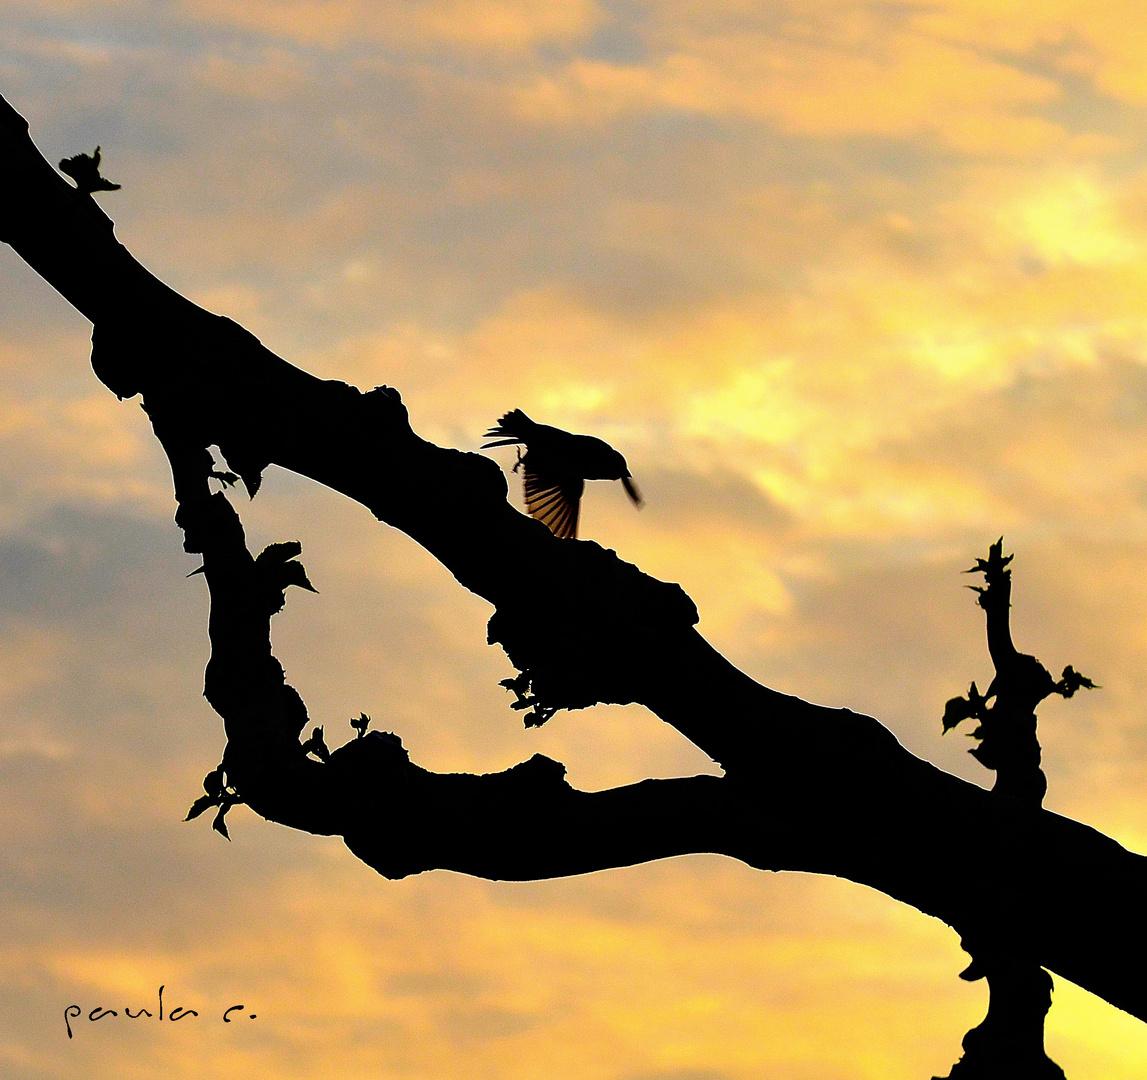 buscando la luz (dedicada a Mauro Tomassetti)